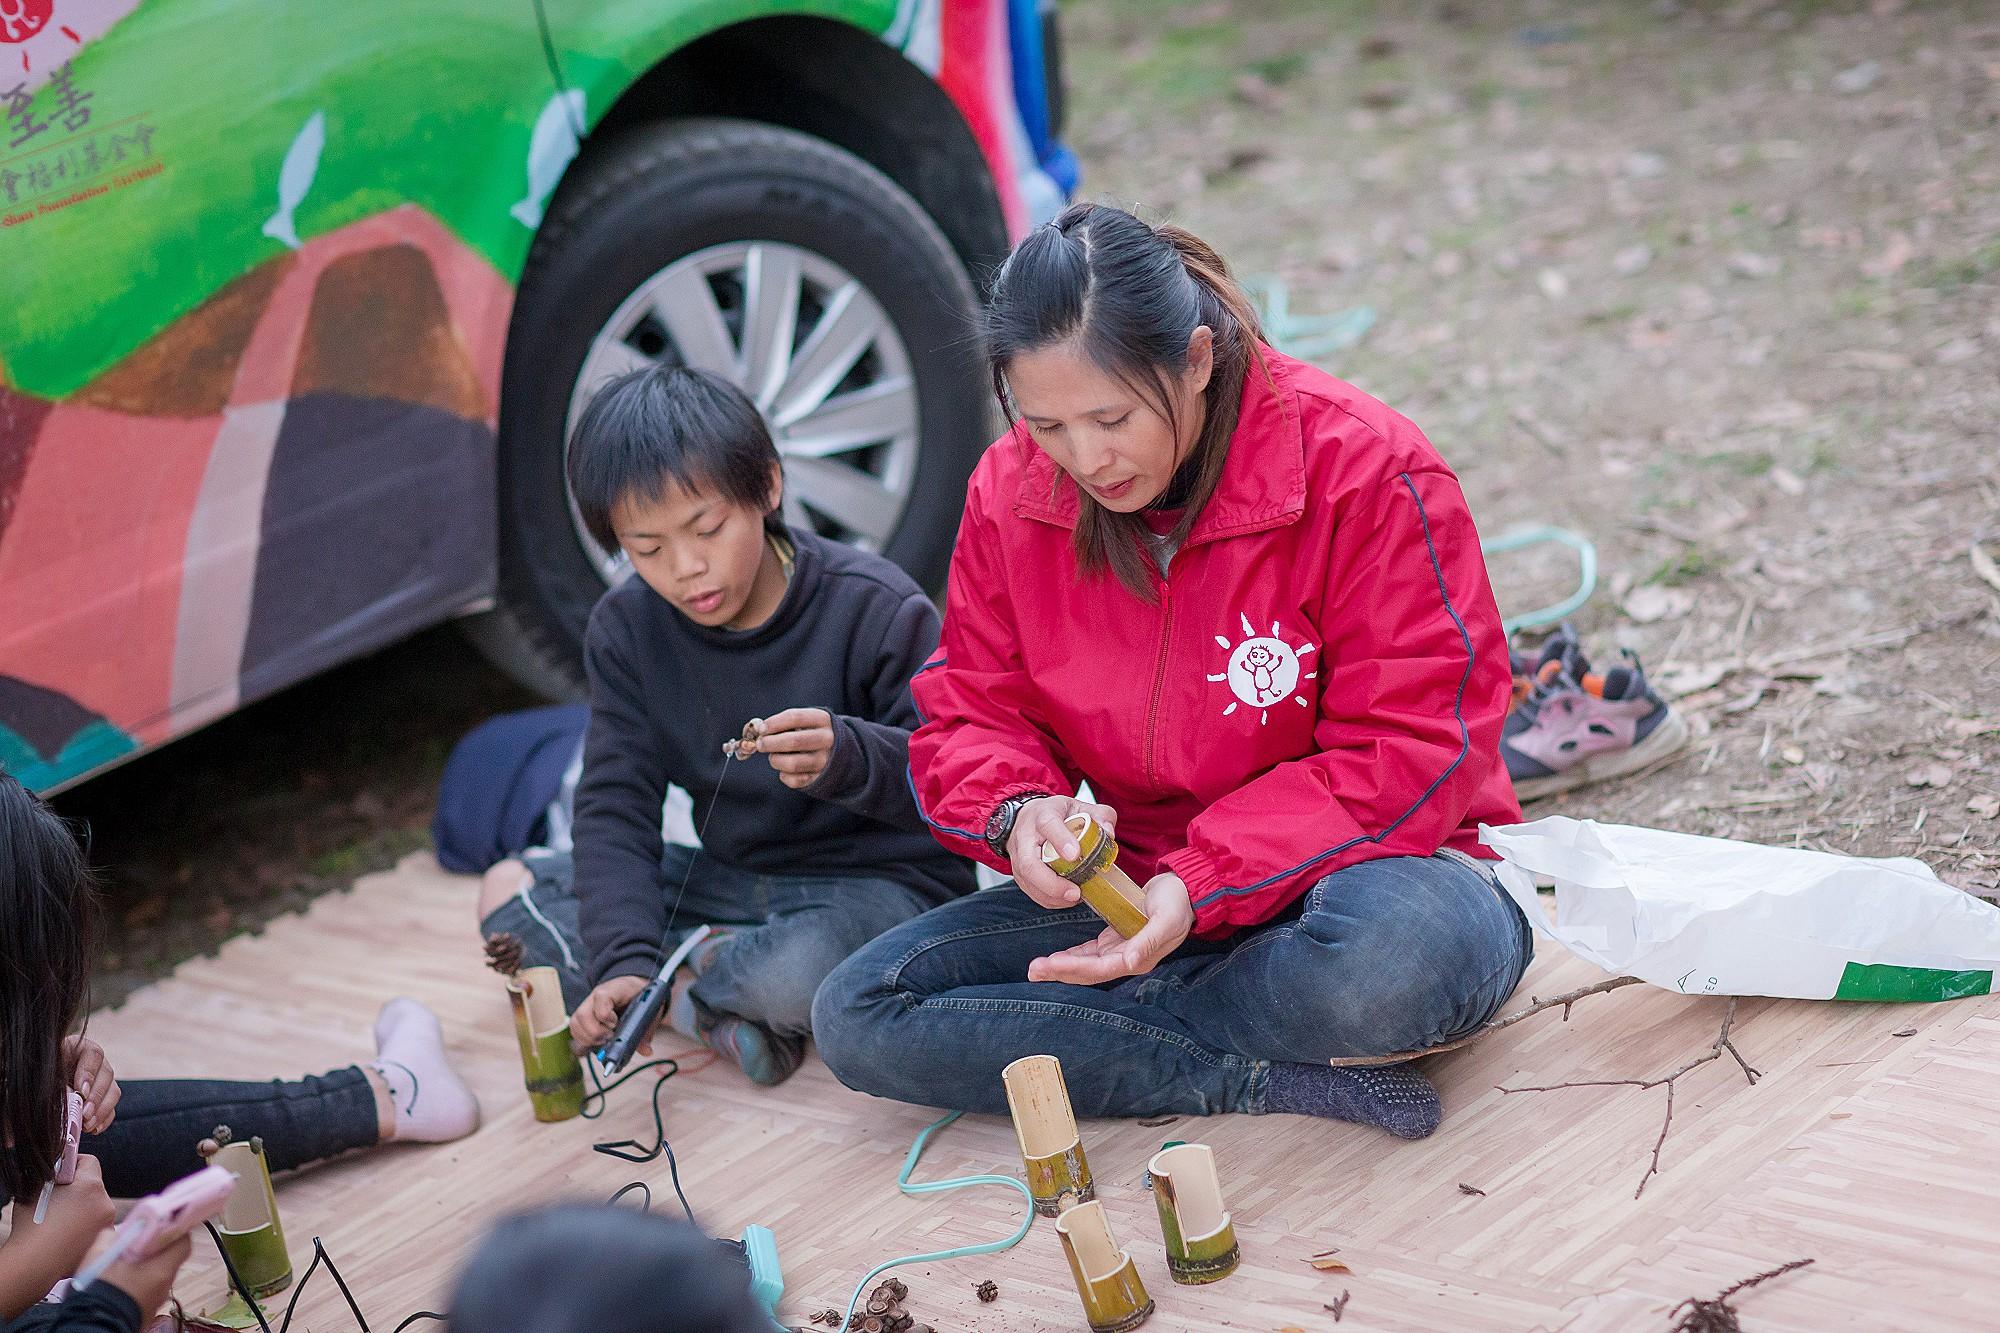 【已額滿】2020 - 2021 至善行旅.達人帶路—【冬天篇】孩子的玩具車與古道獵人